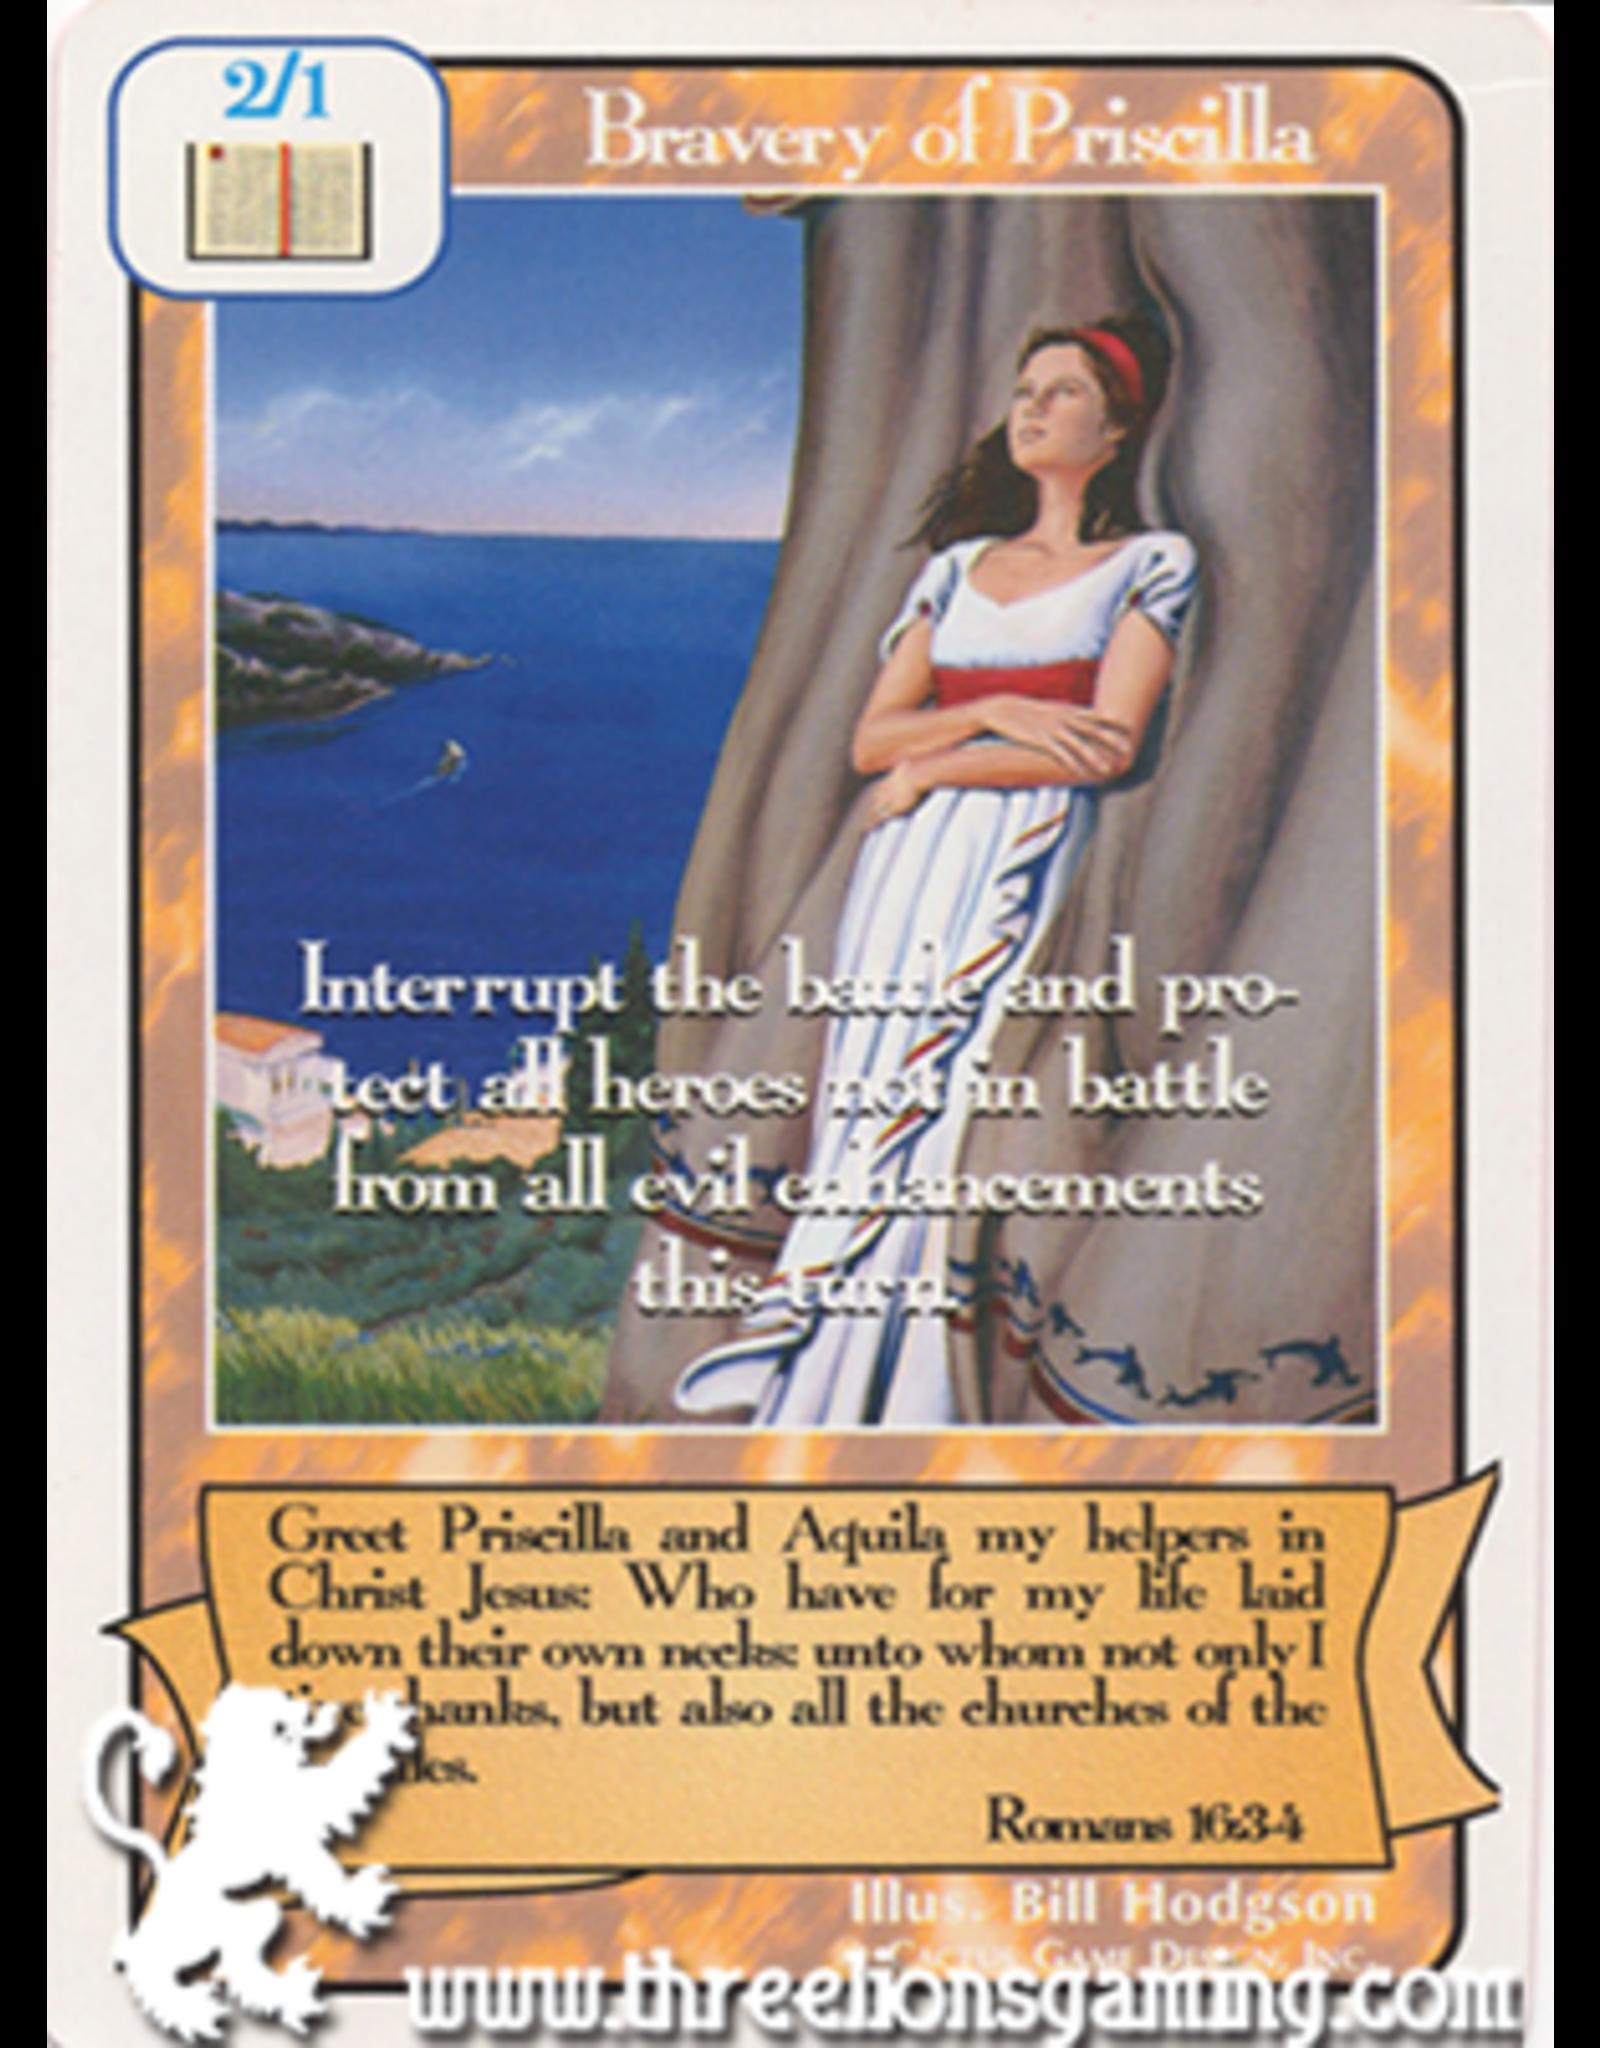 G/H: Bravery of Priscilla